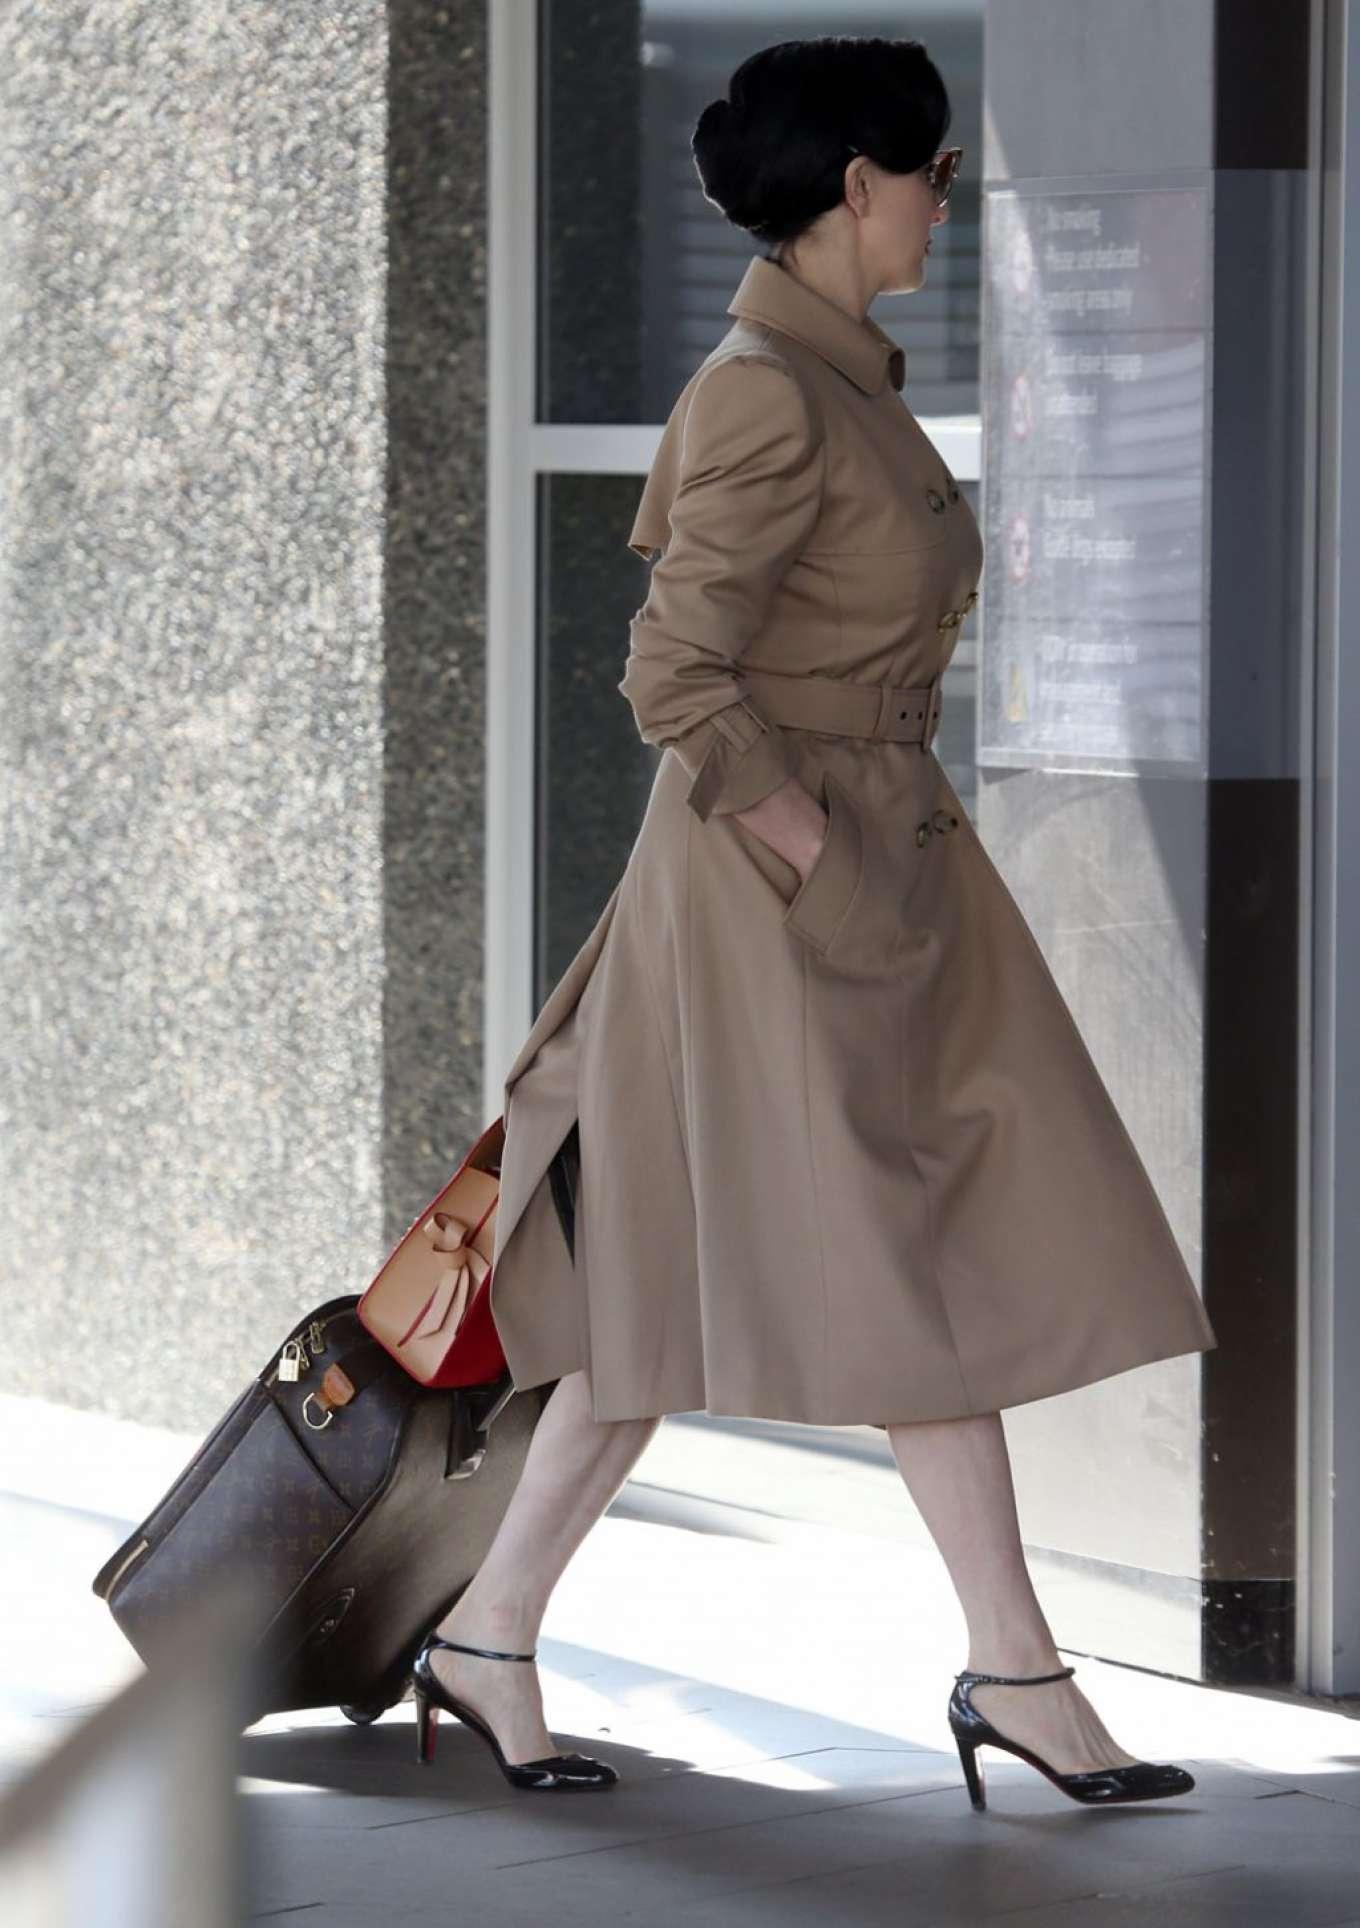 bdb3ebe6a7cb Dita Von Teese  Arrives at Perth Airport -09 – GotCeleb